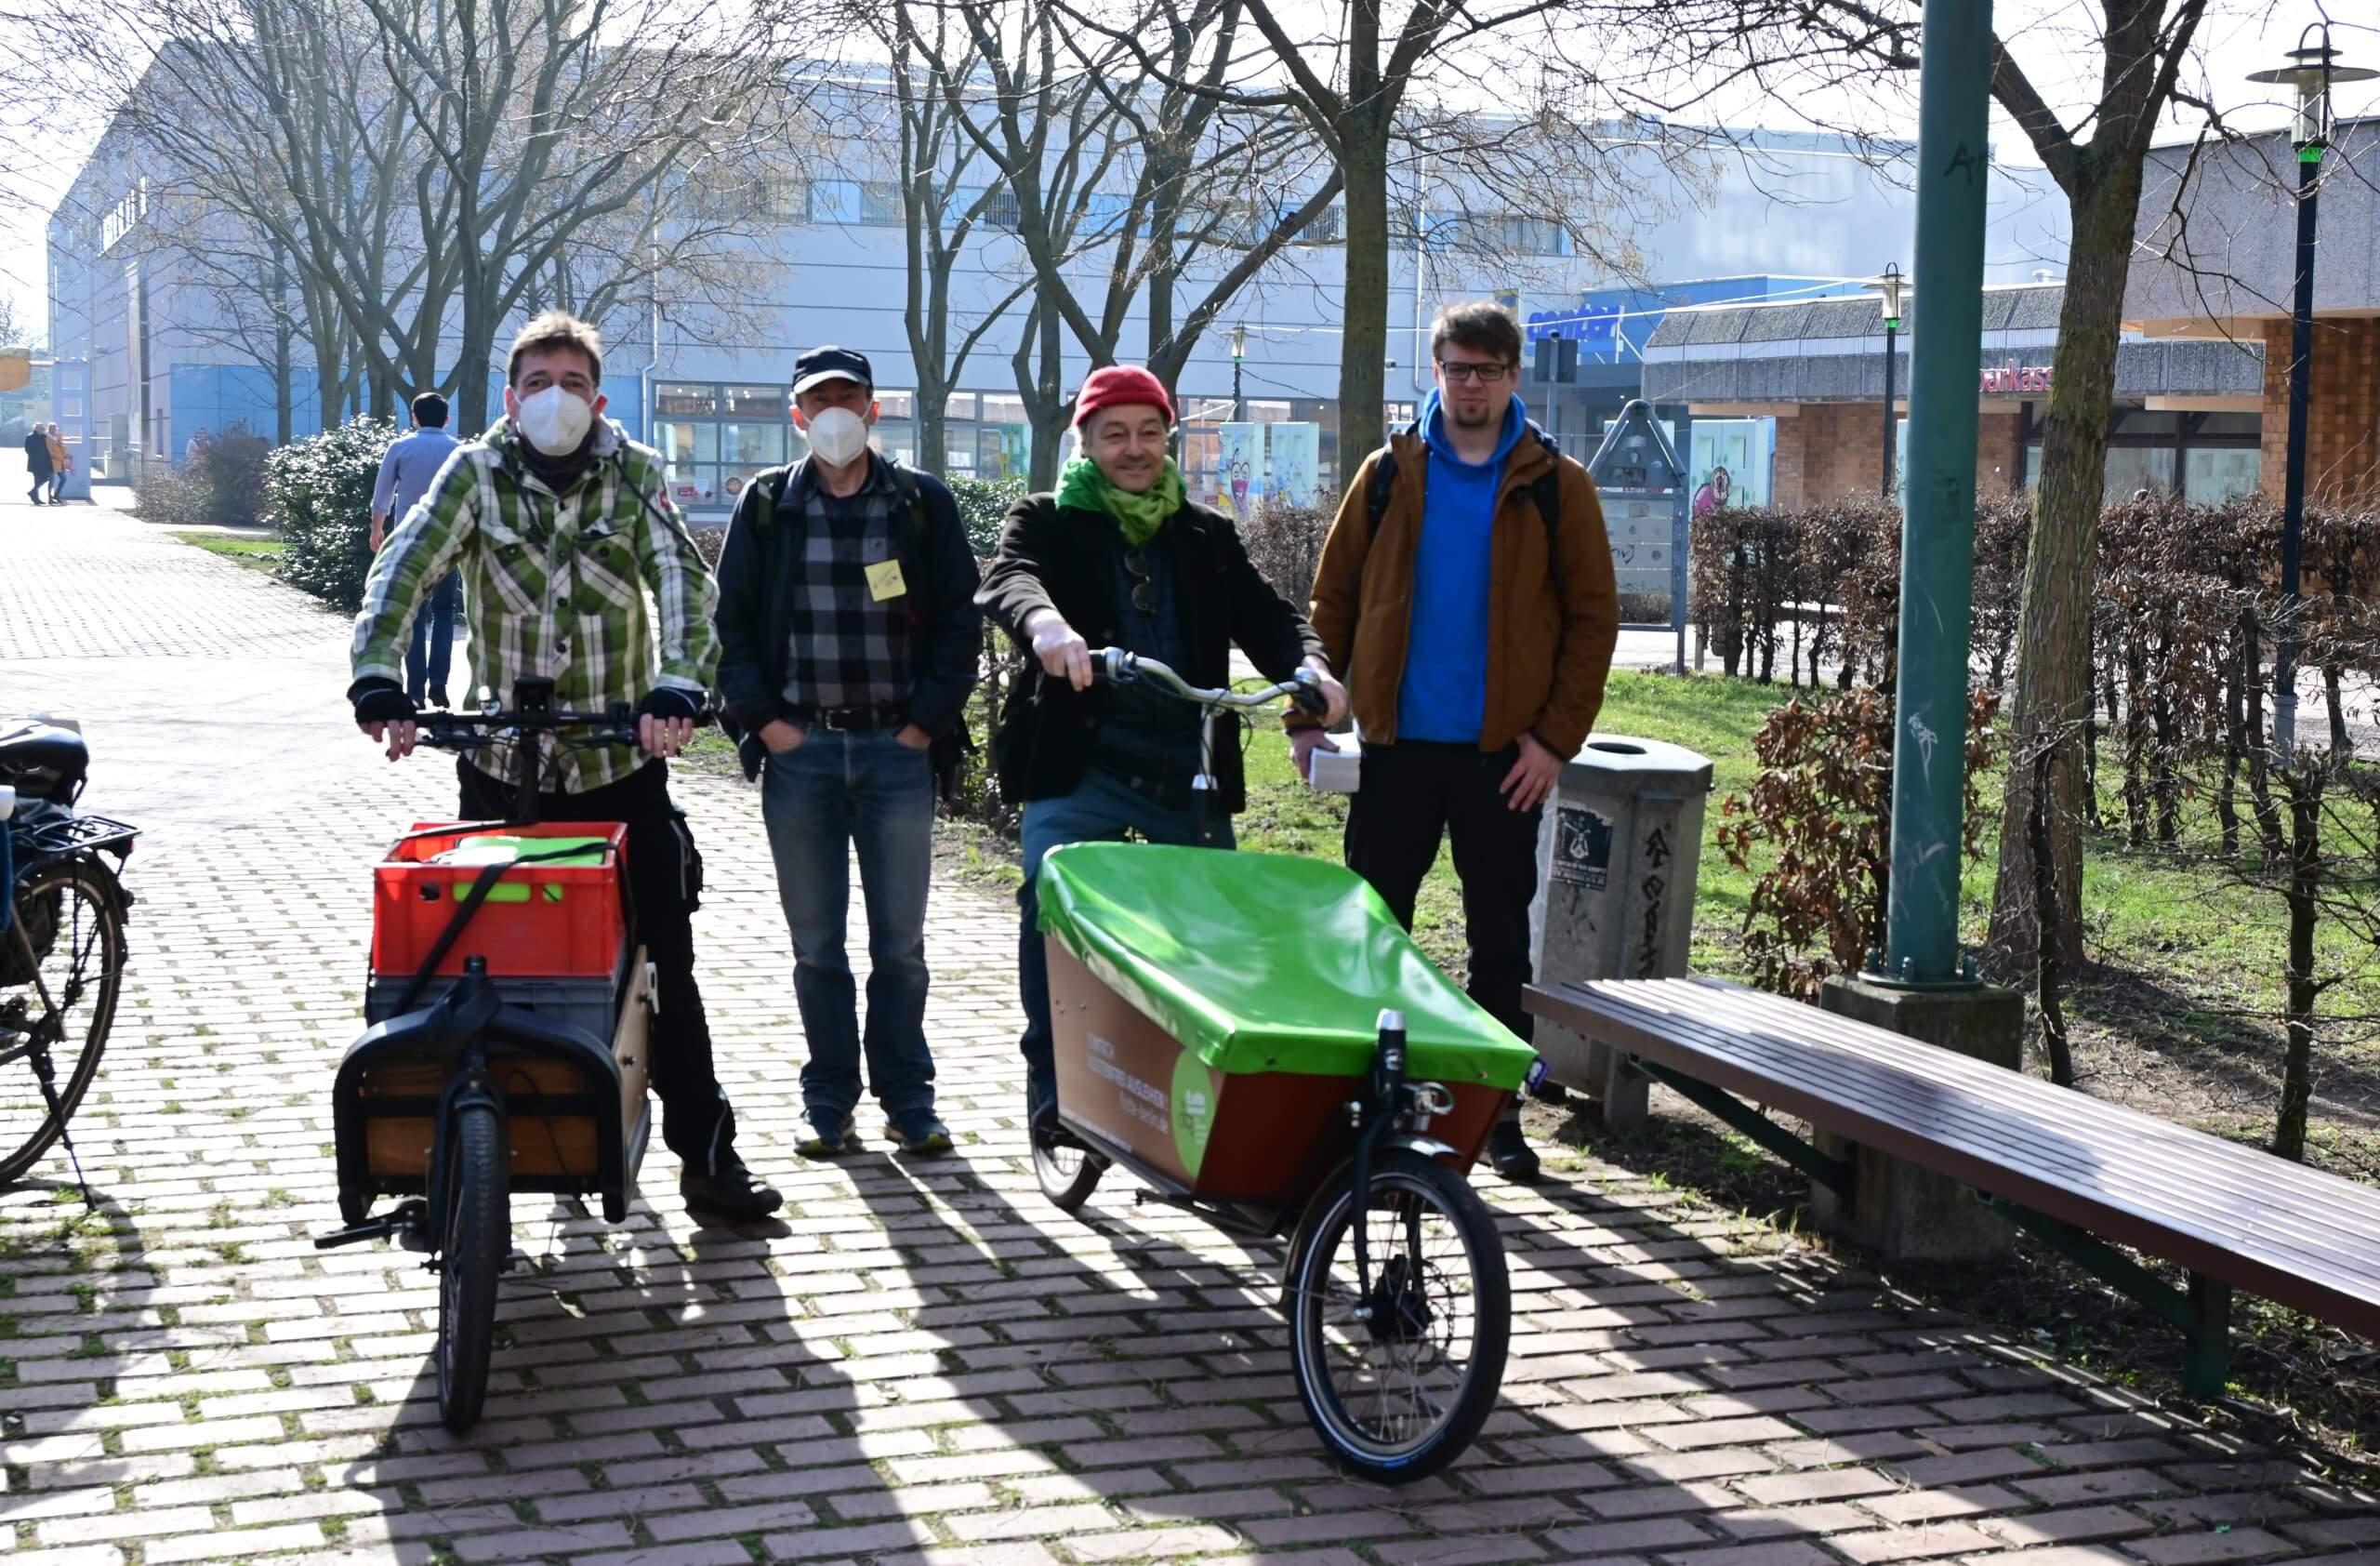 Das Bild zeigt die erste Probefahrt mit dem neuen Lastenrad im Kosmosviertel in der Nähe des Kiezladens WaMa.